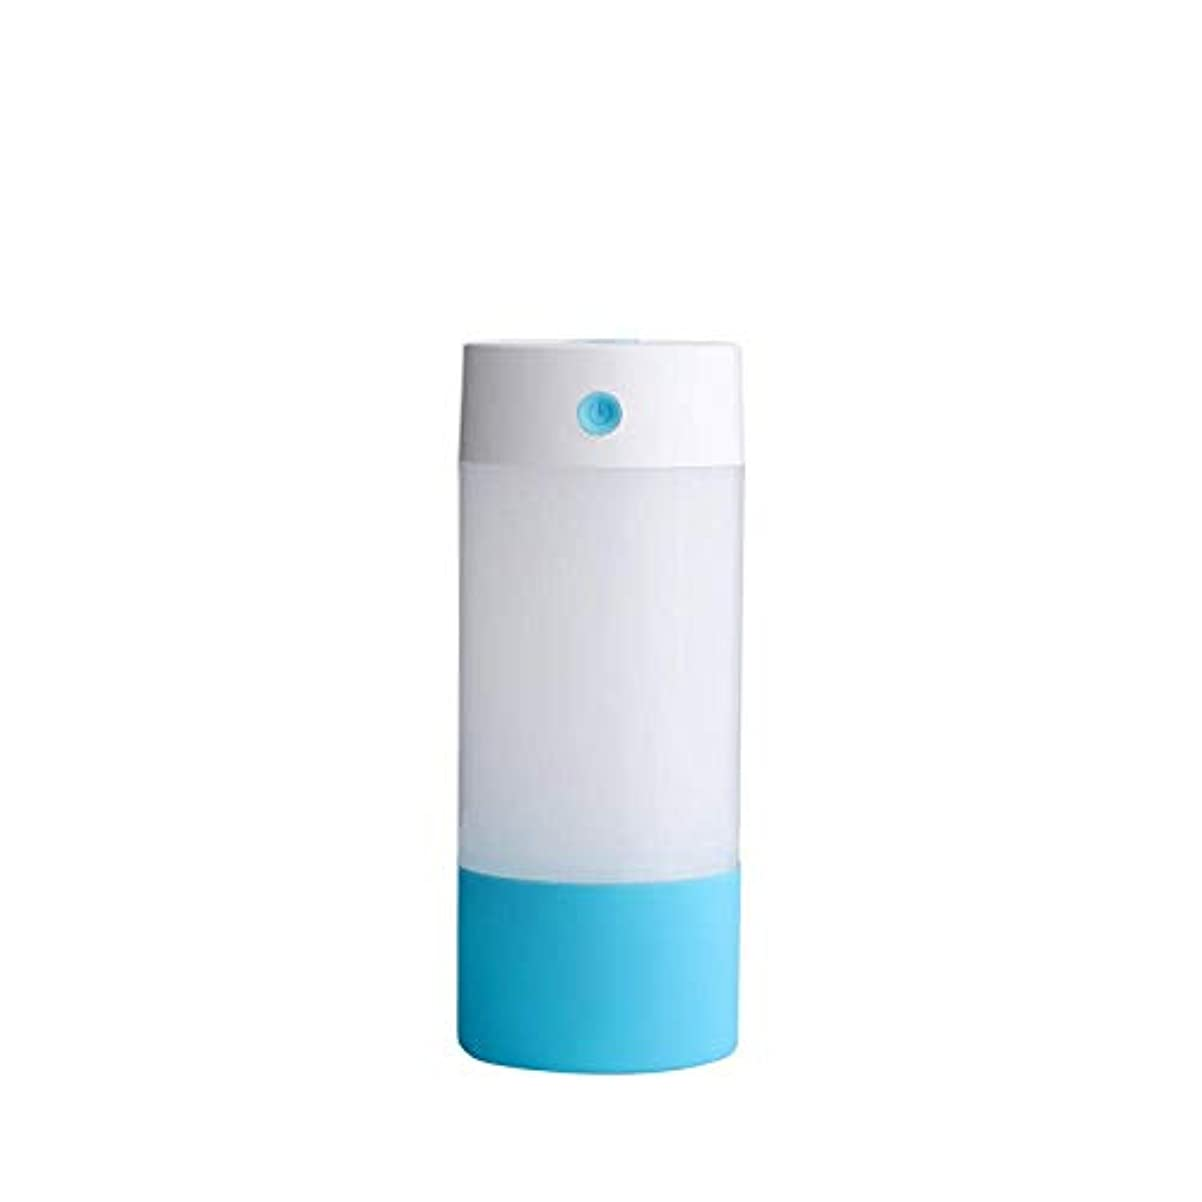 除去評決納税者SOTCE アロマディフューザー加湿器超音波霧化技術のライトカー満足のいく解決策連続霧モード湿潤環境 (Color : Blue)